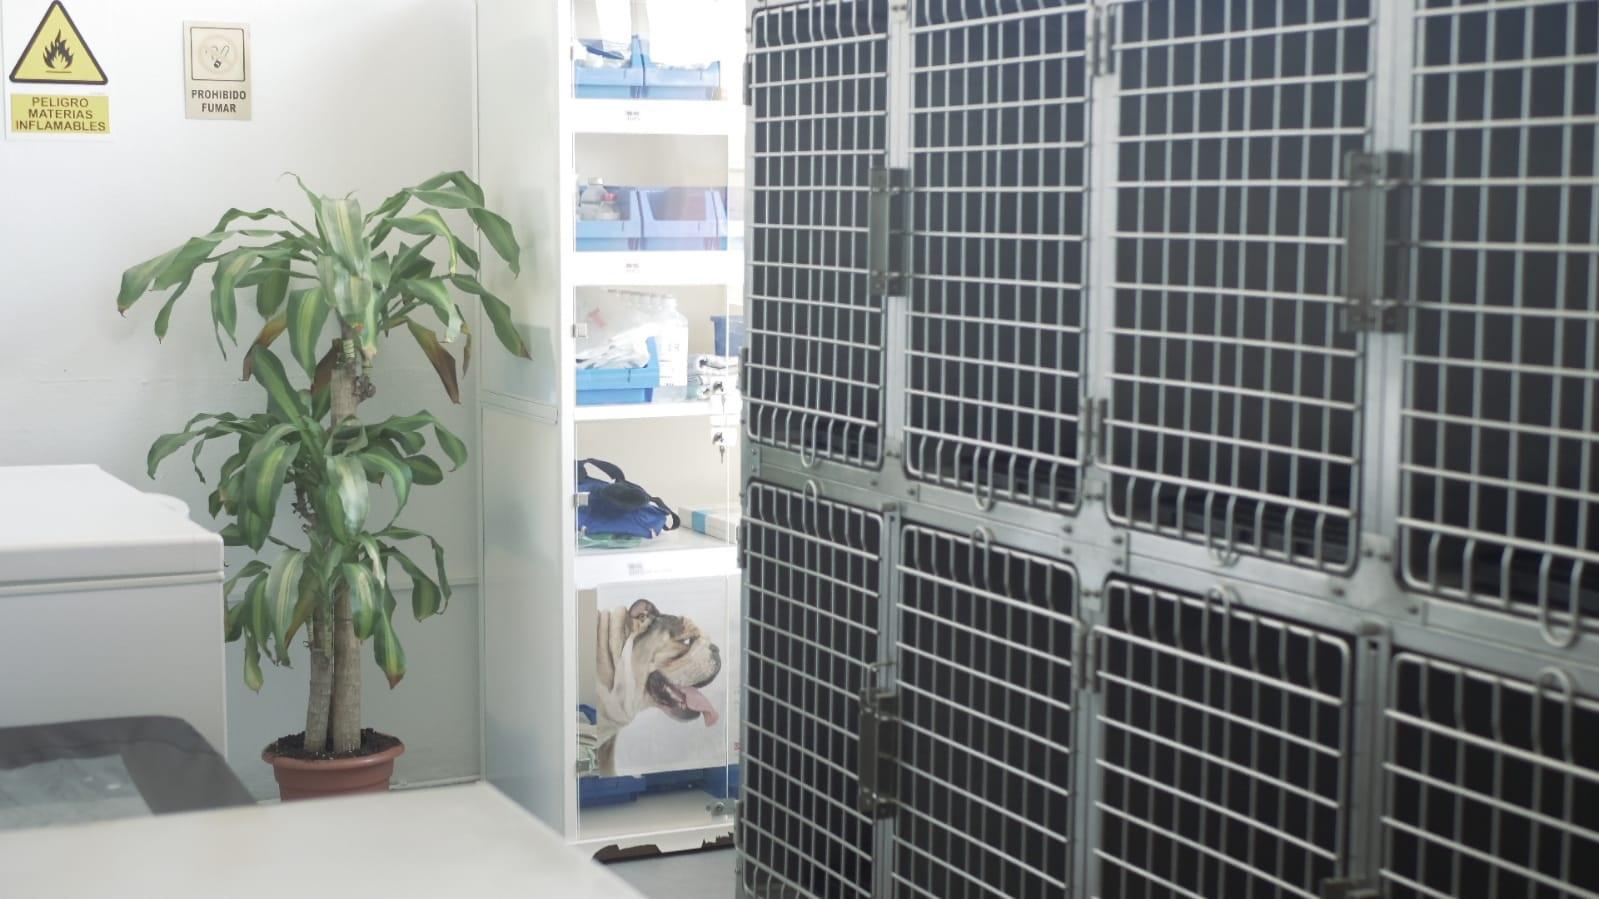 Pediatría veterinaria